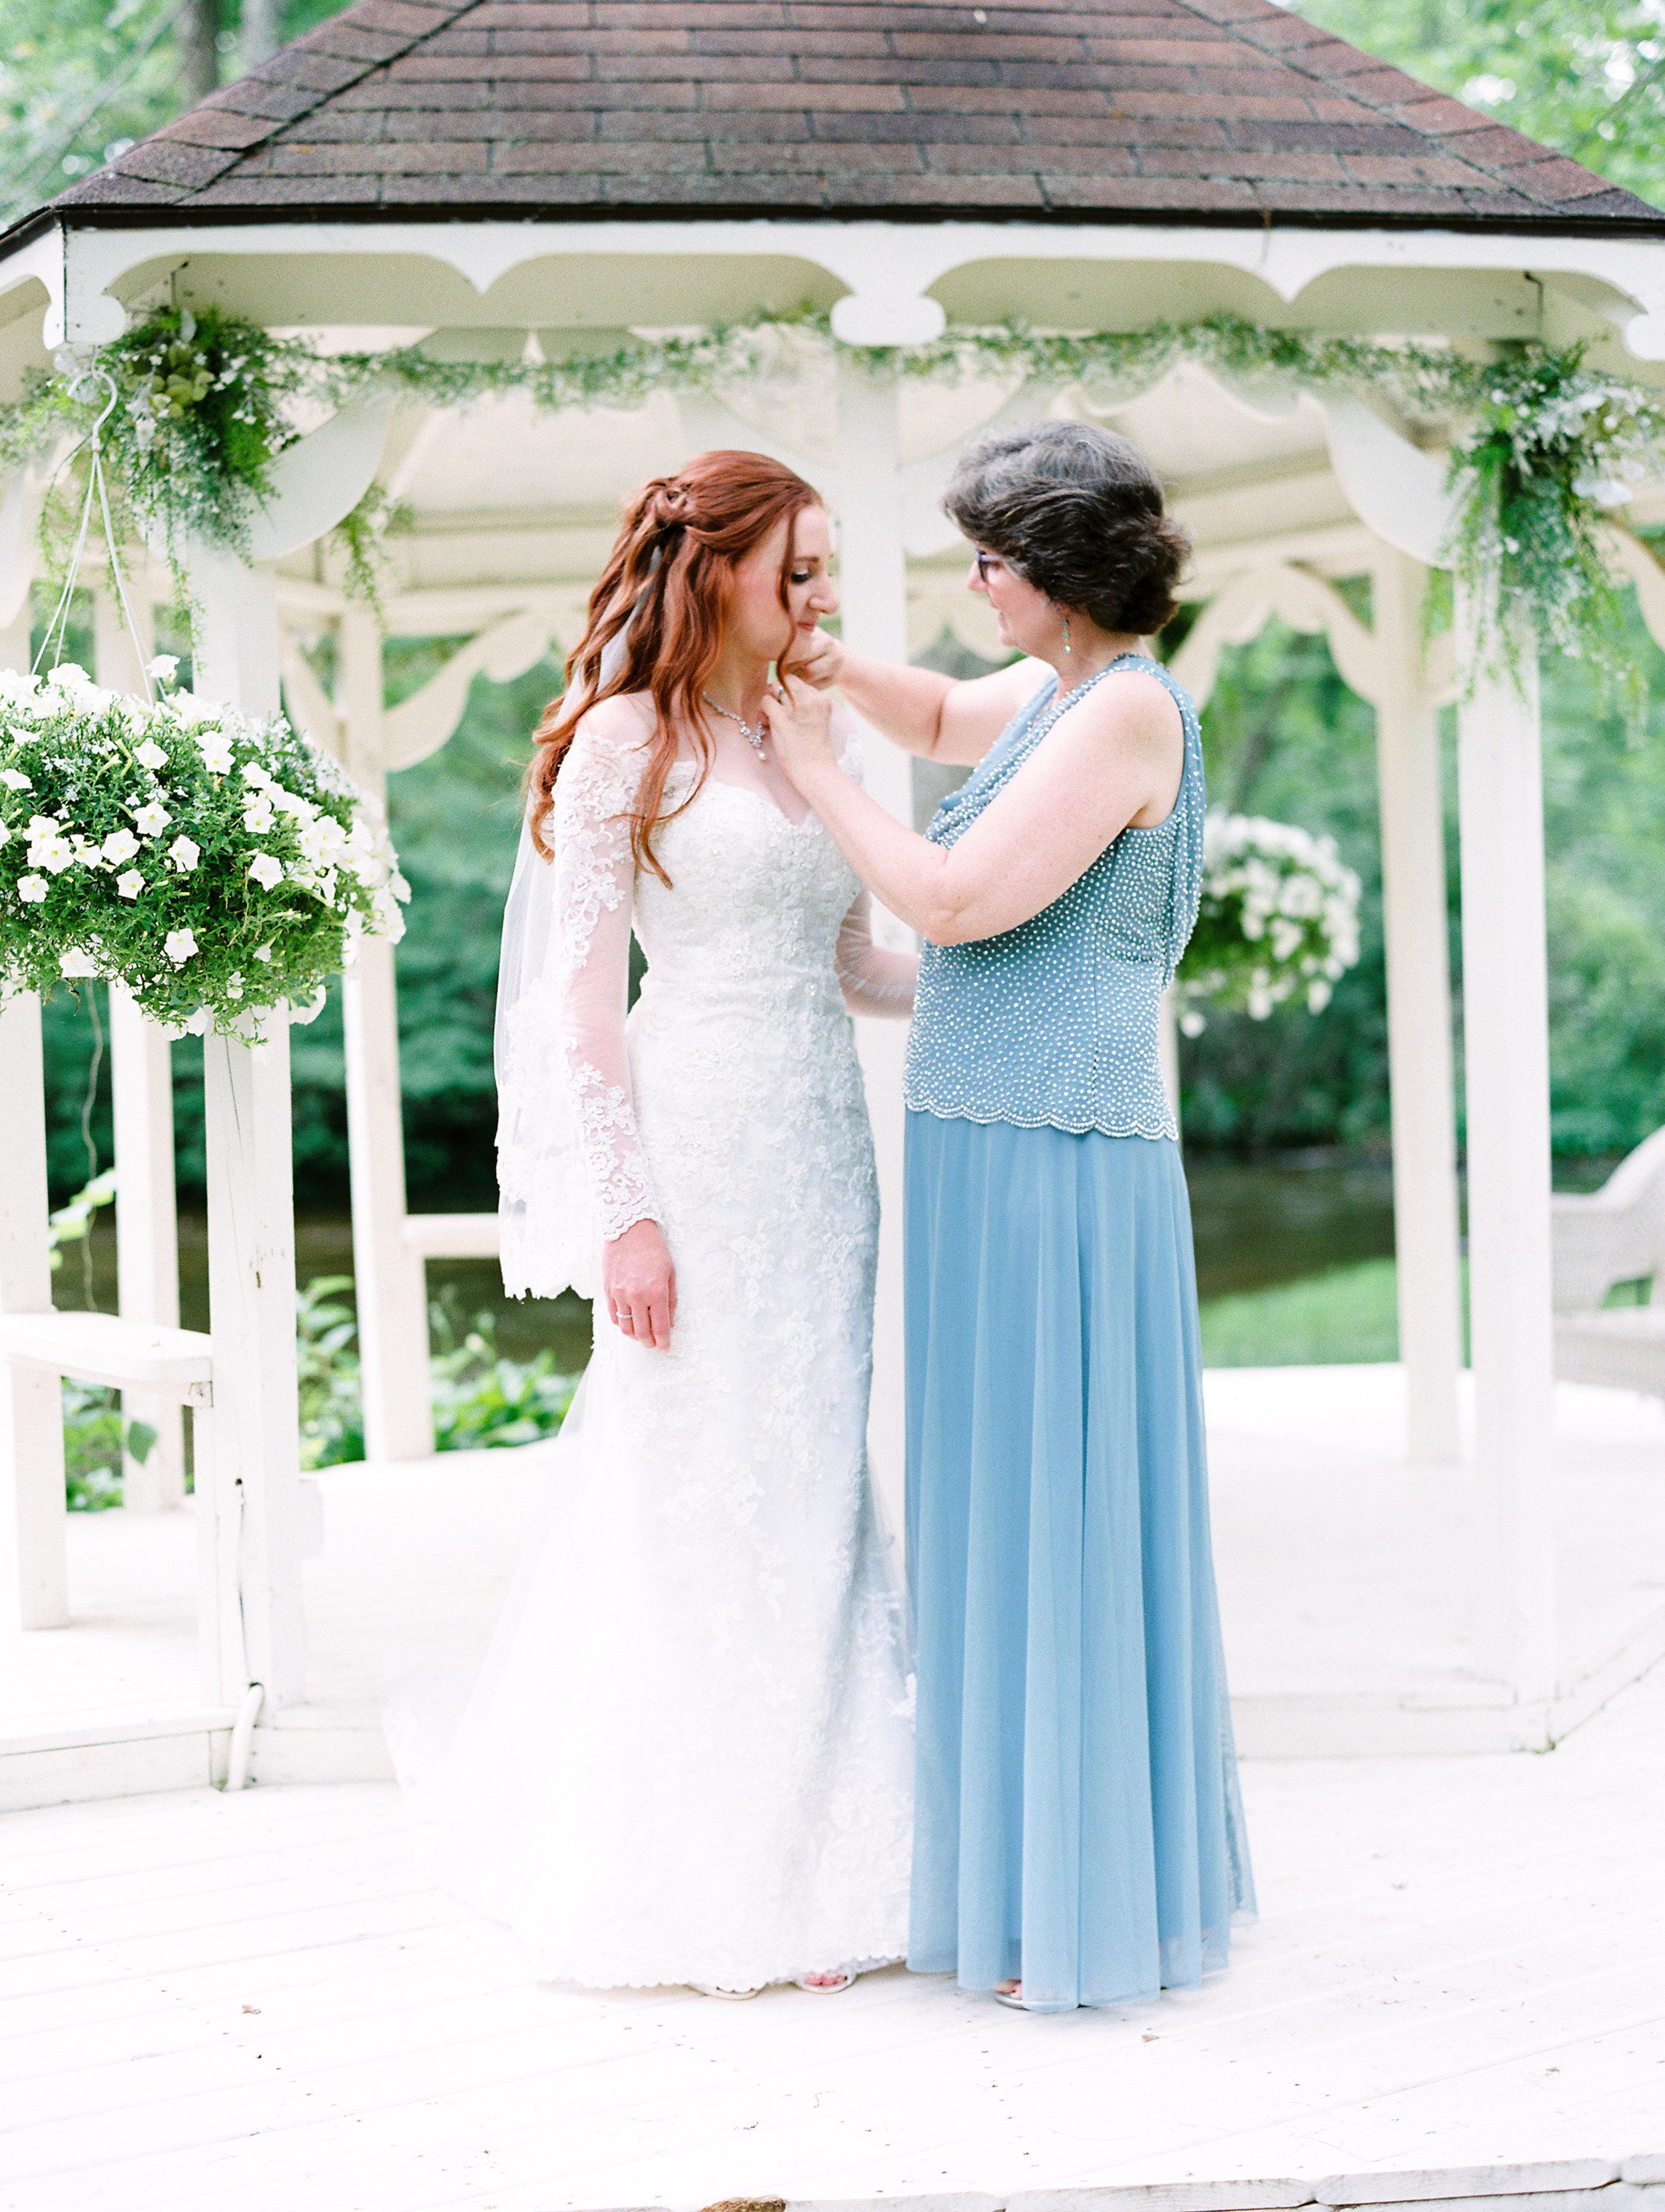 Conger+Wedding+Getting+Ready-76.jpg